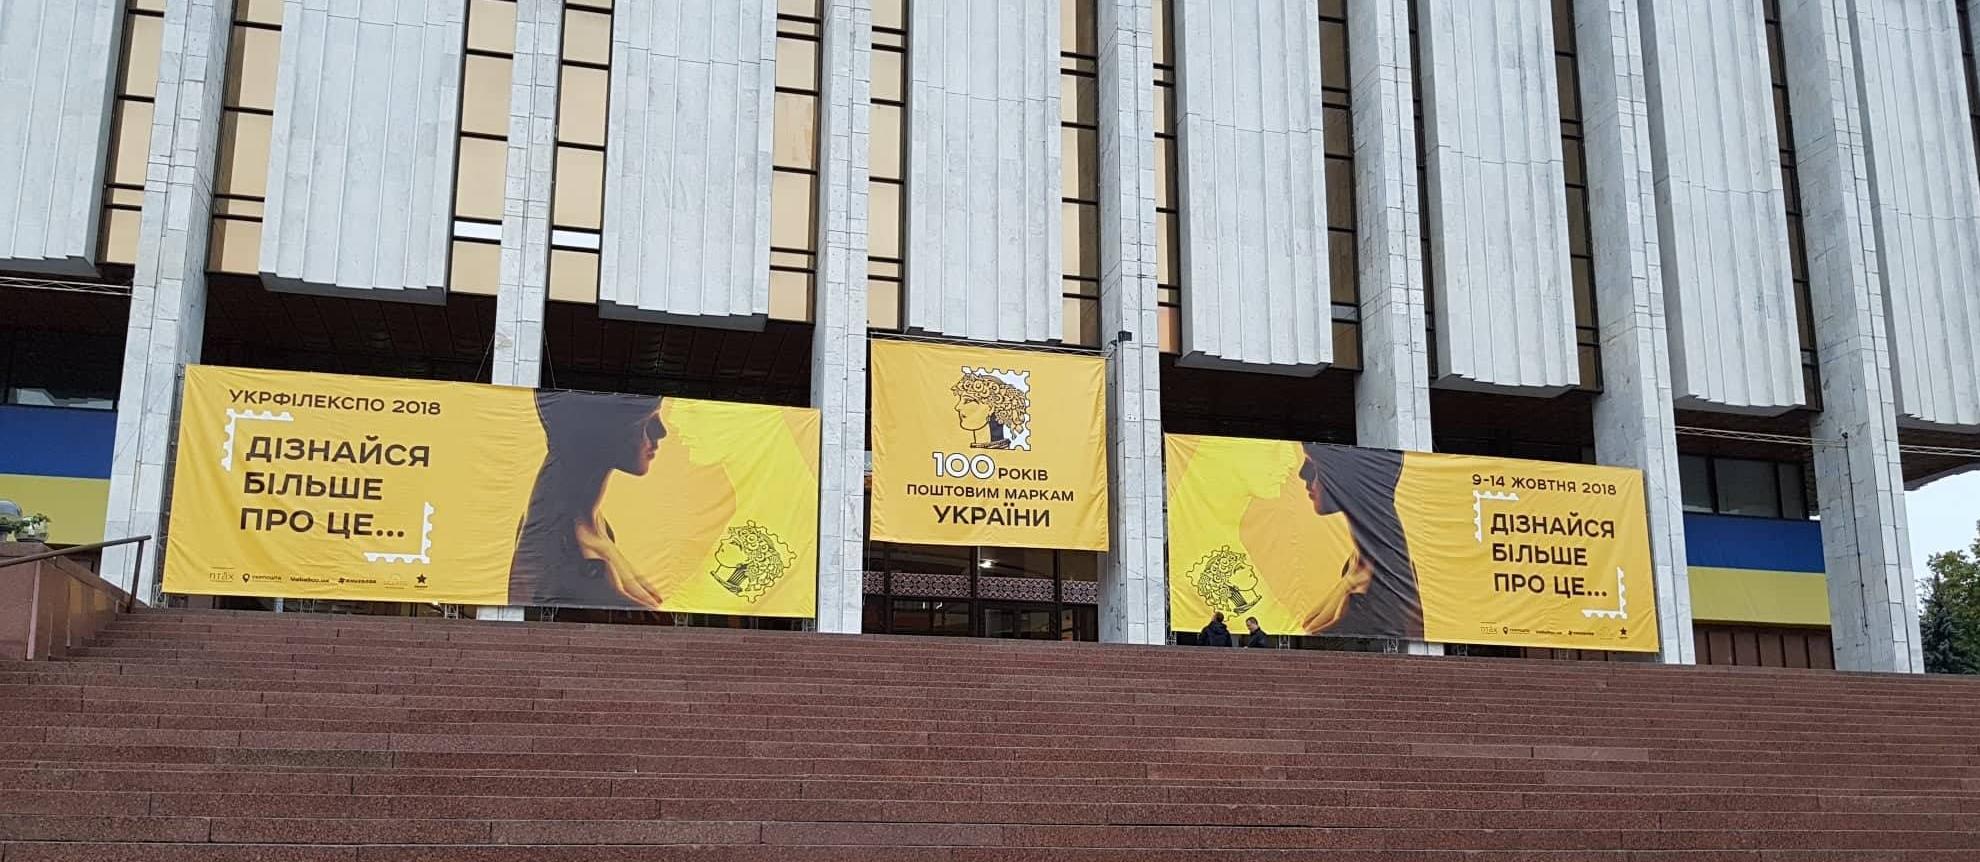 ХVI Національної філателістичної виставки «Укрфілекспо 2018» працюватиме в Українському домі з 9 по 14 жовтня